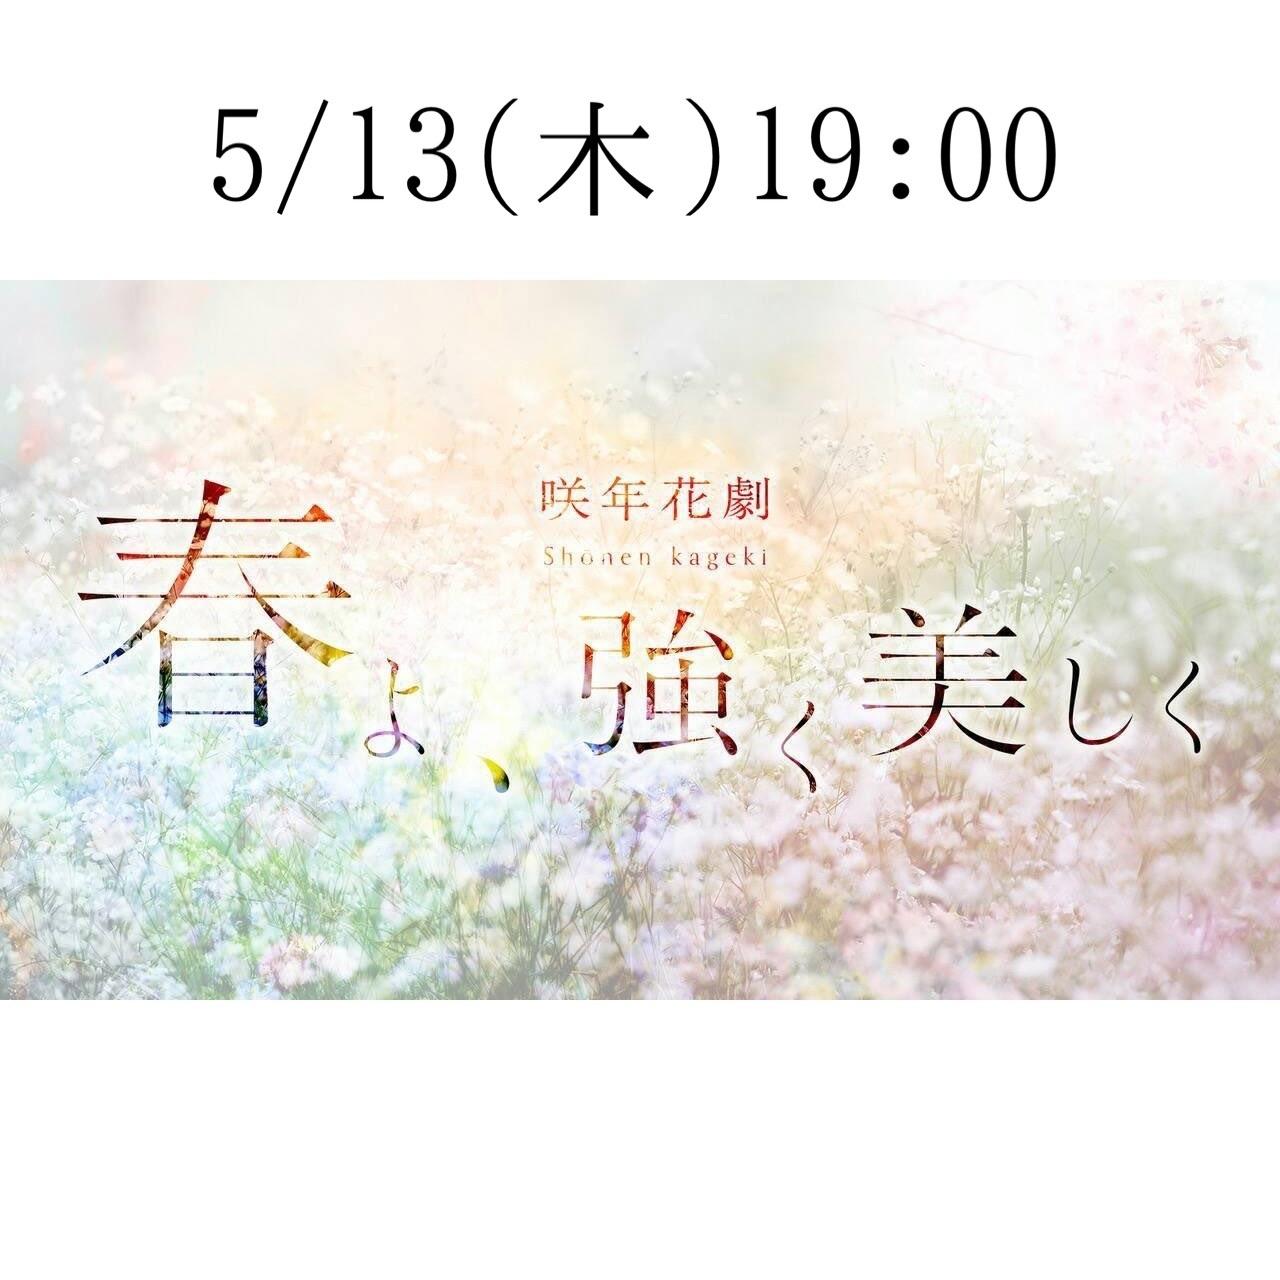 【5月13日(木) 19:00】咲年花劇「春よ、強く美しく」